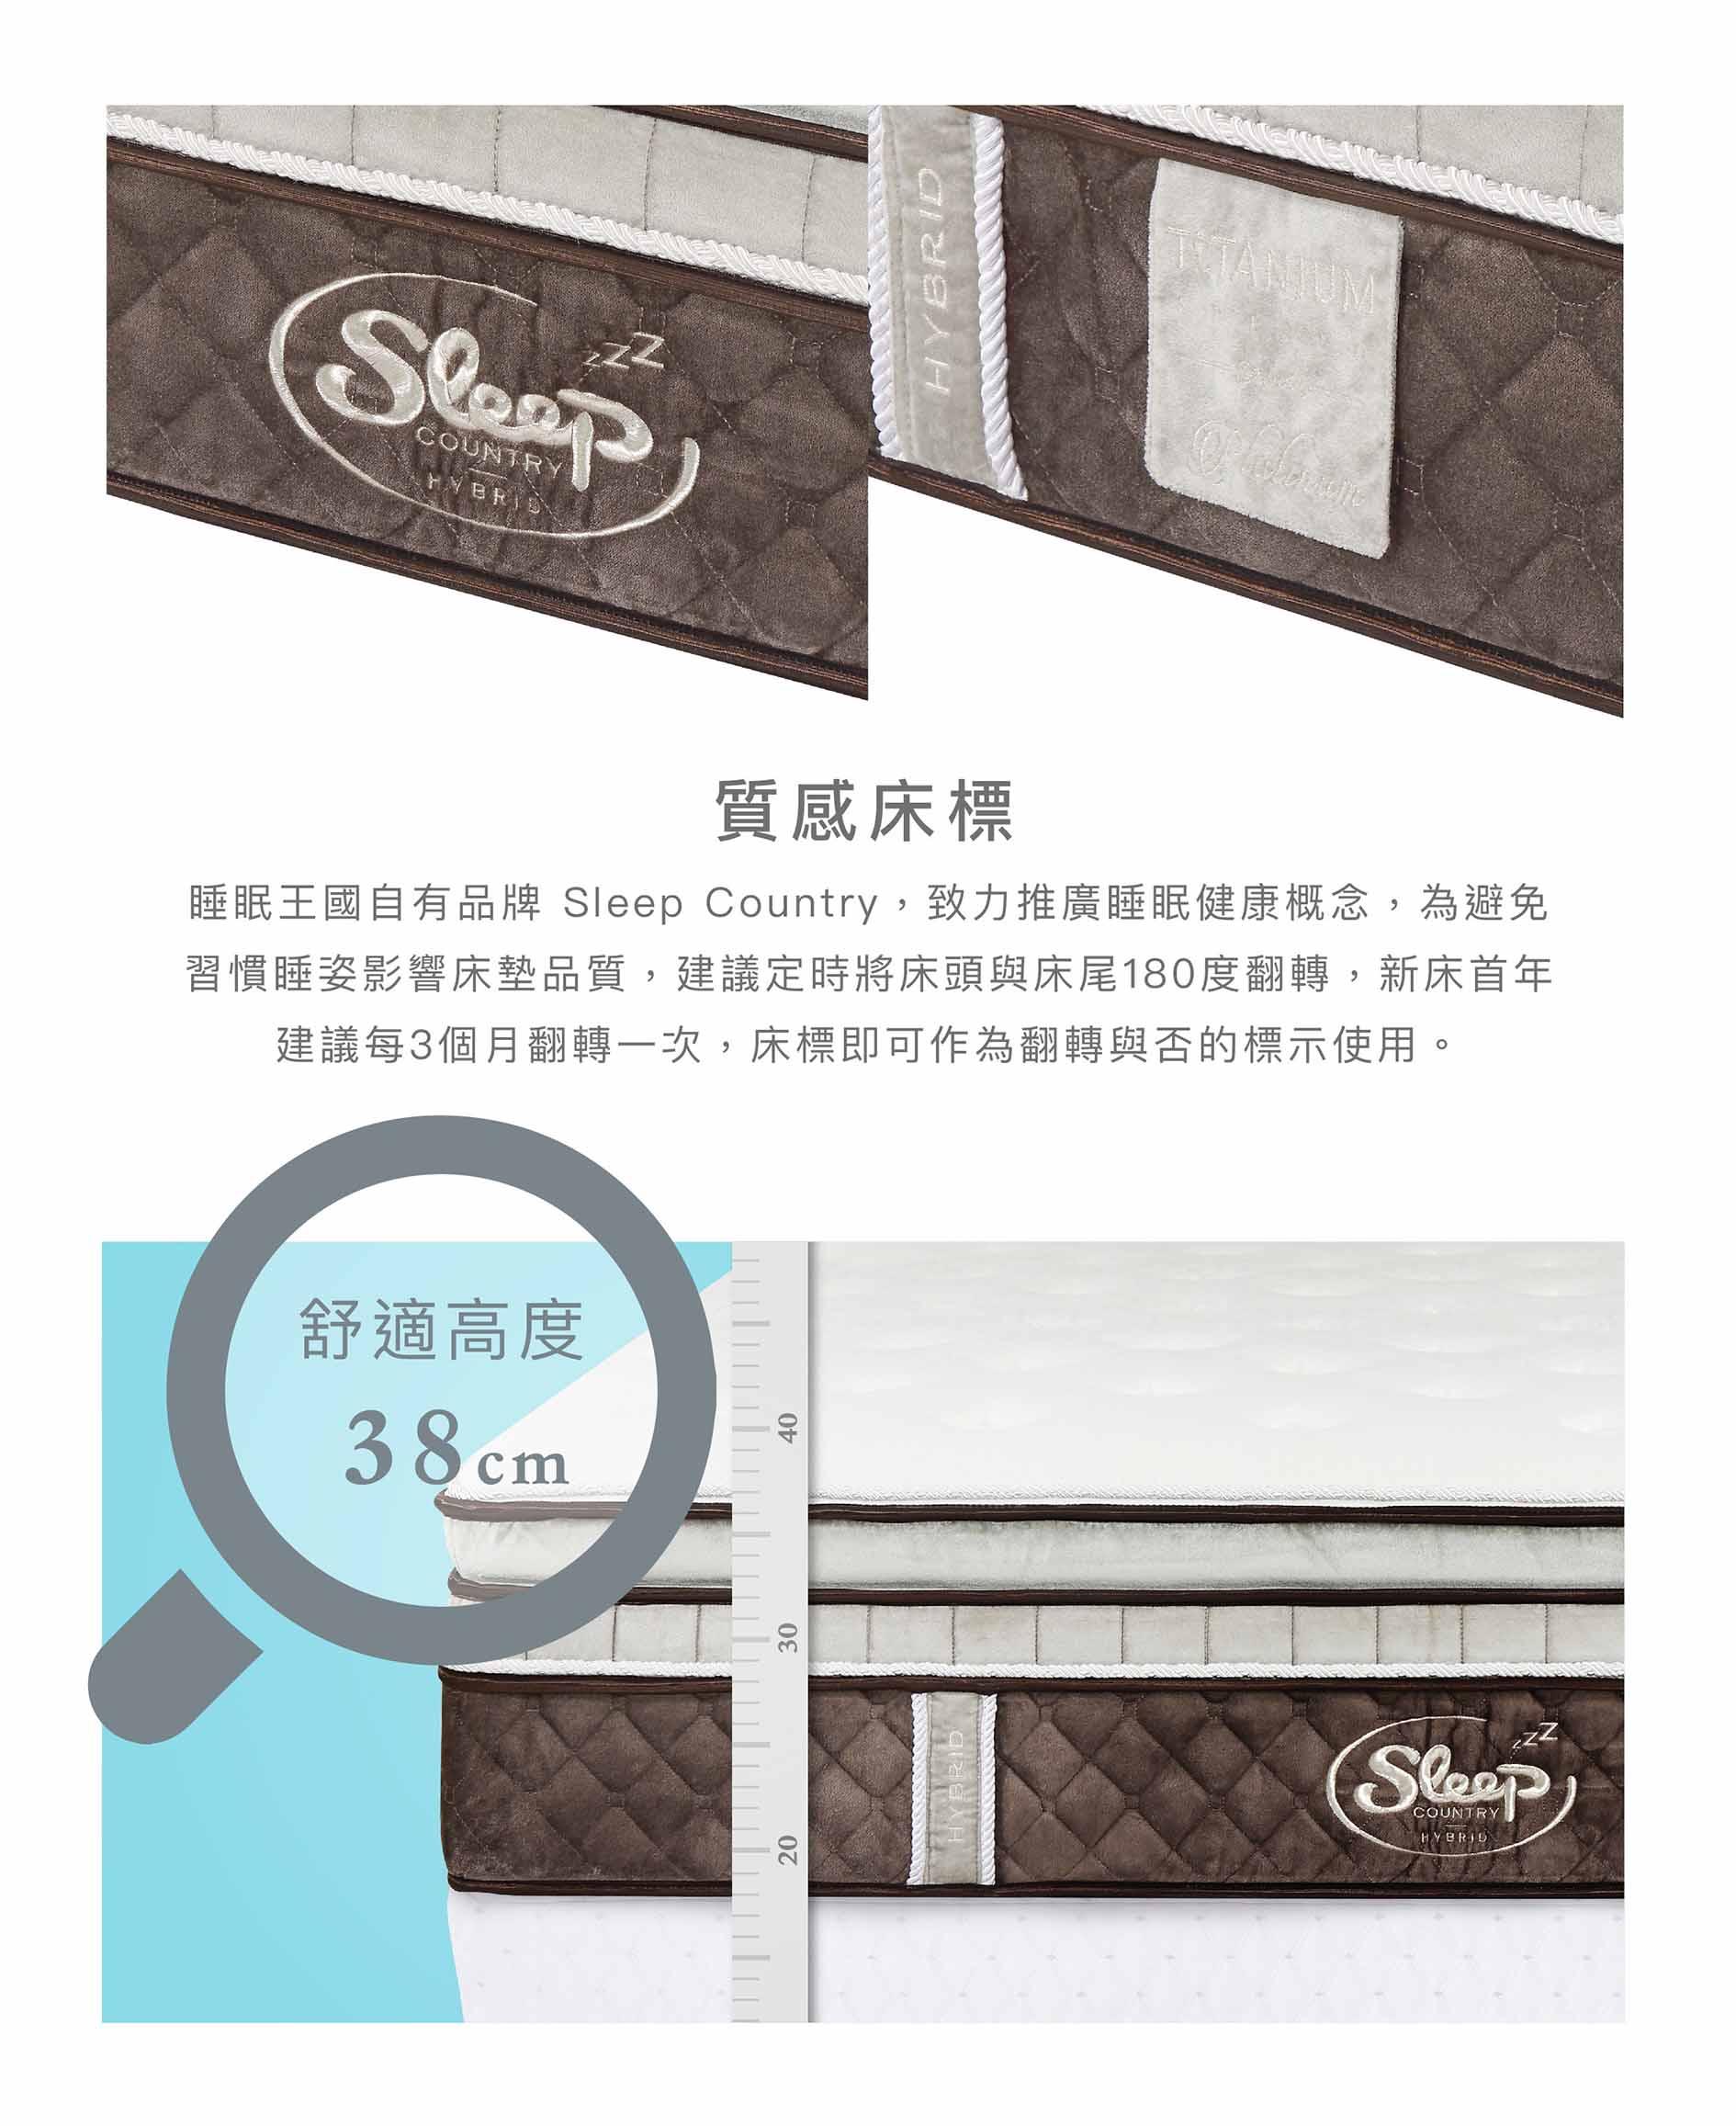 健康床墊mattress 鈦合金 HYBRID PLATINUM 鉑金 睡眠王國集團